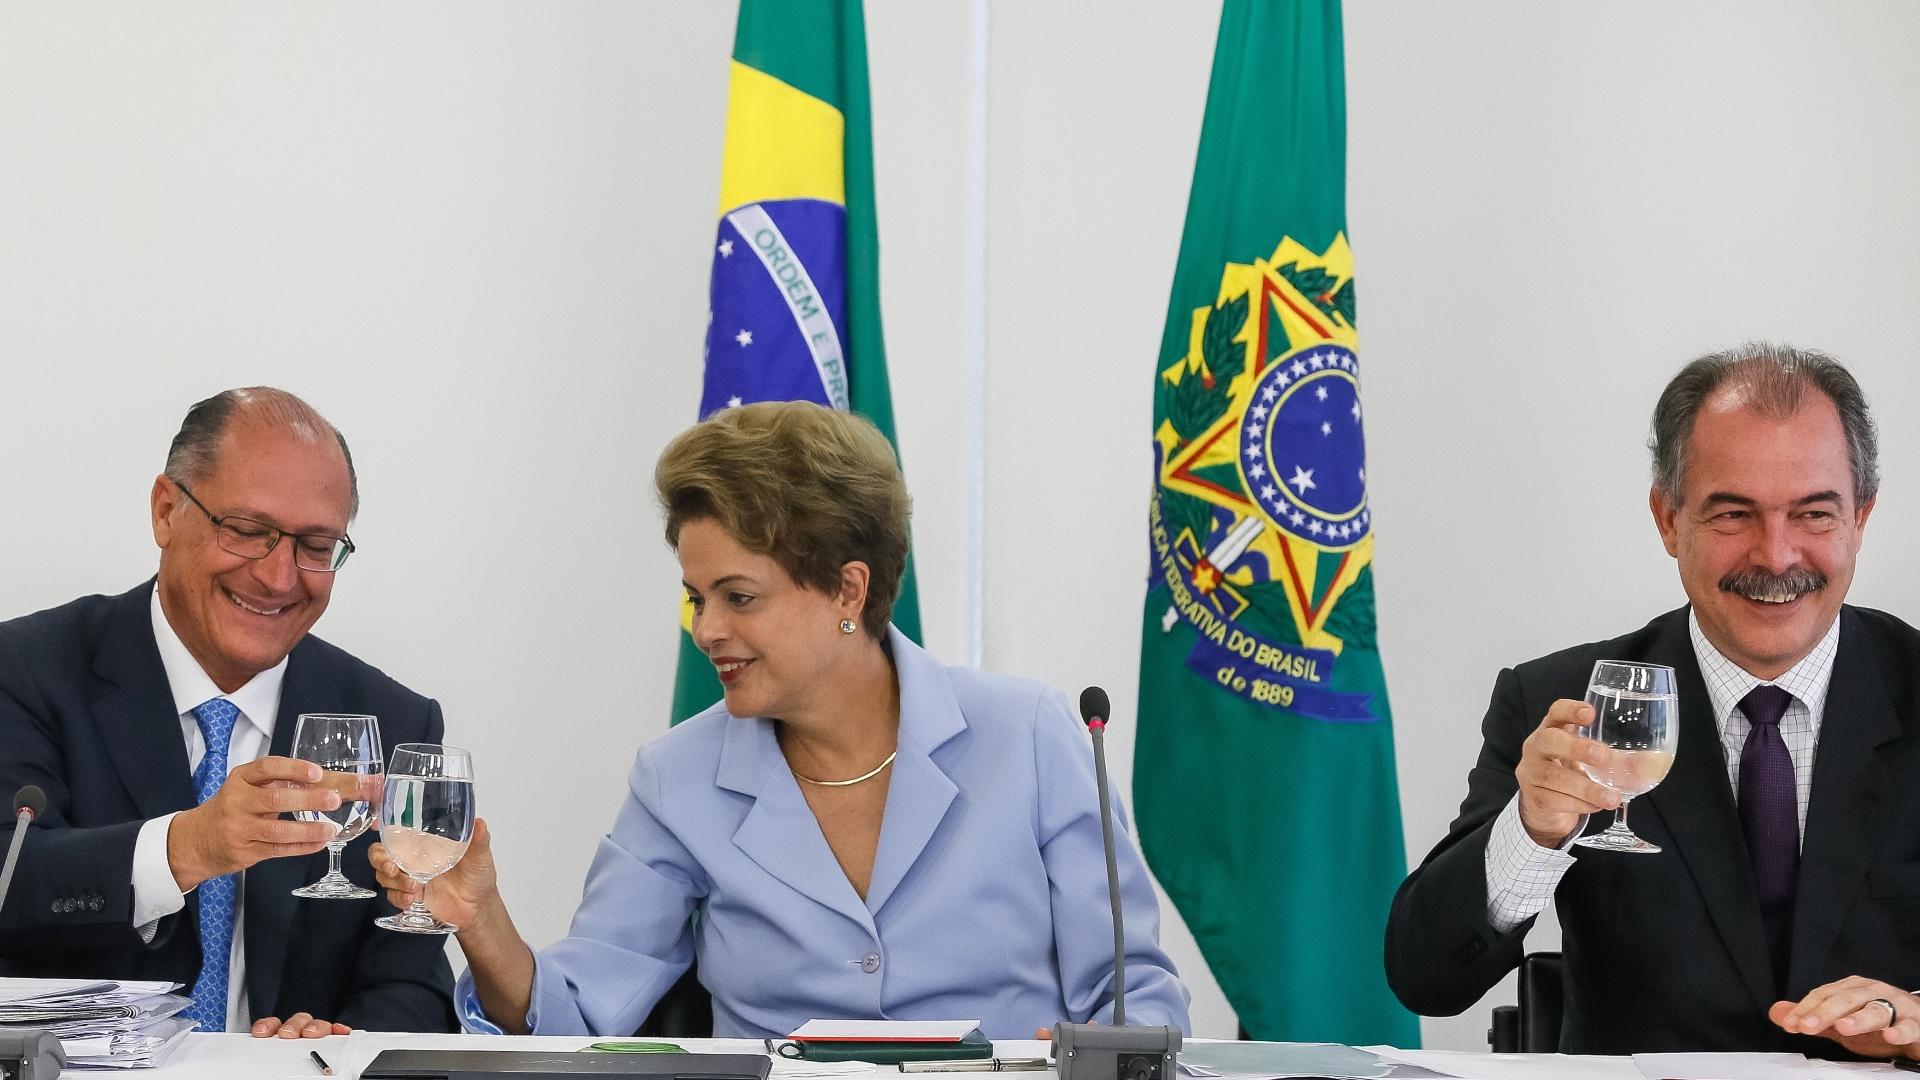 25.jun.2015 - Em Brasília, a presidente Dilma Rousseff brinda com o governador de São Paulo, Geraldo Alckmin (PSDB), durante assinatura de contrato de financiamento para obras de interligação das represas do Jaguari e Atibainha, no Estado de São Paulo